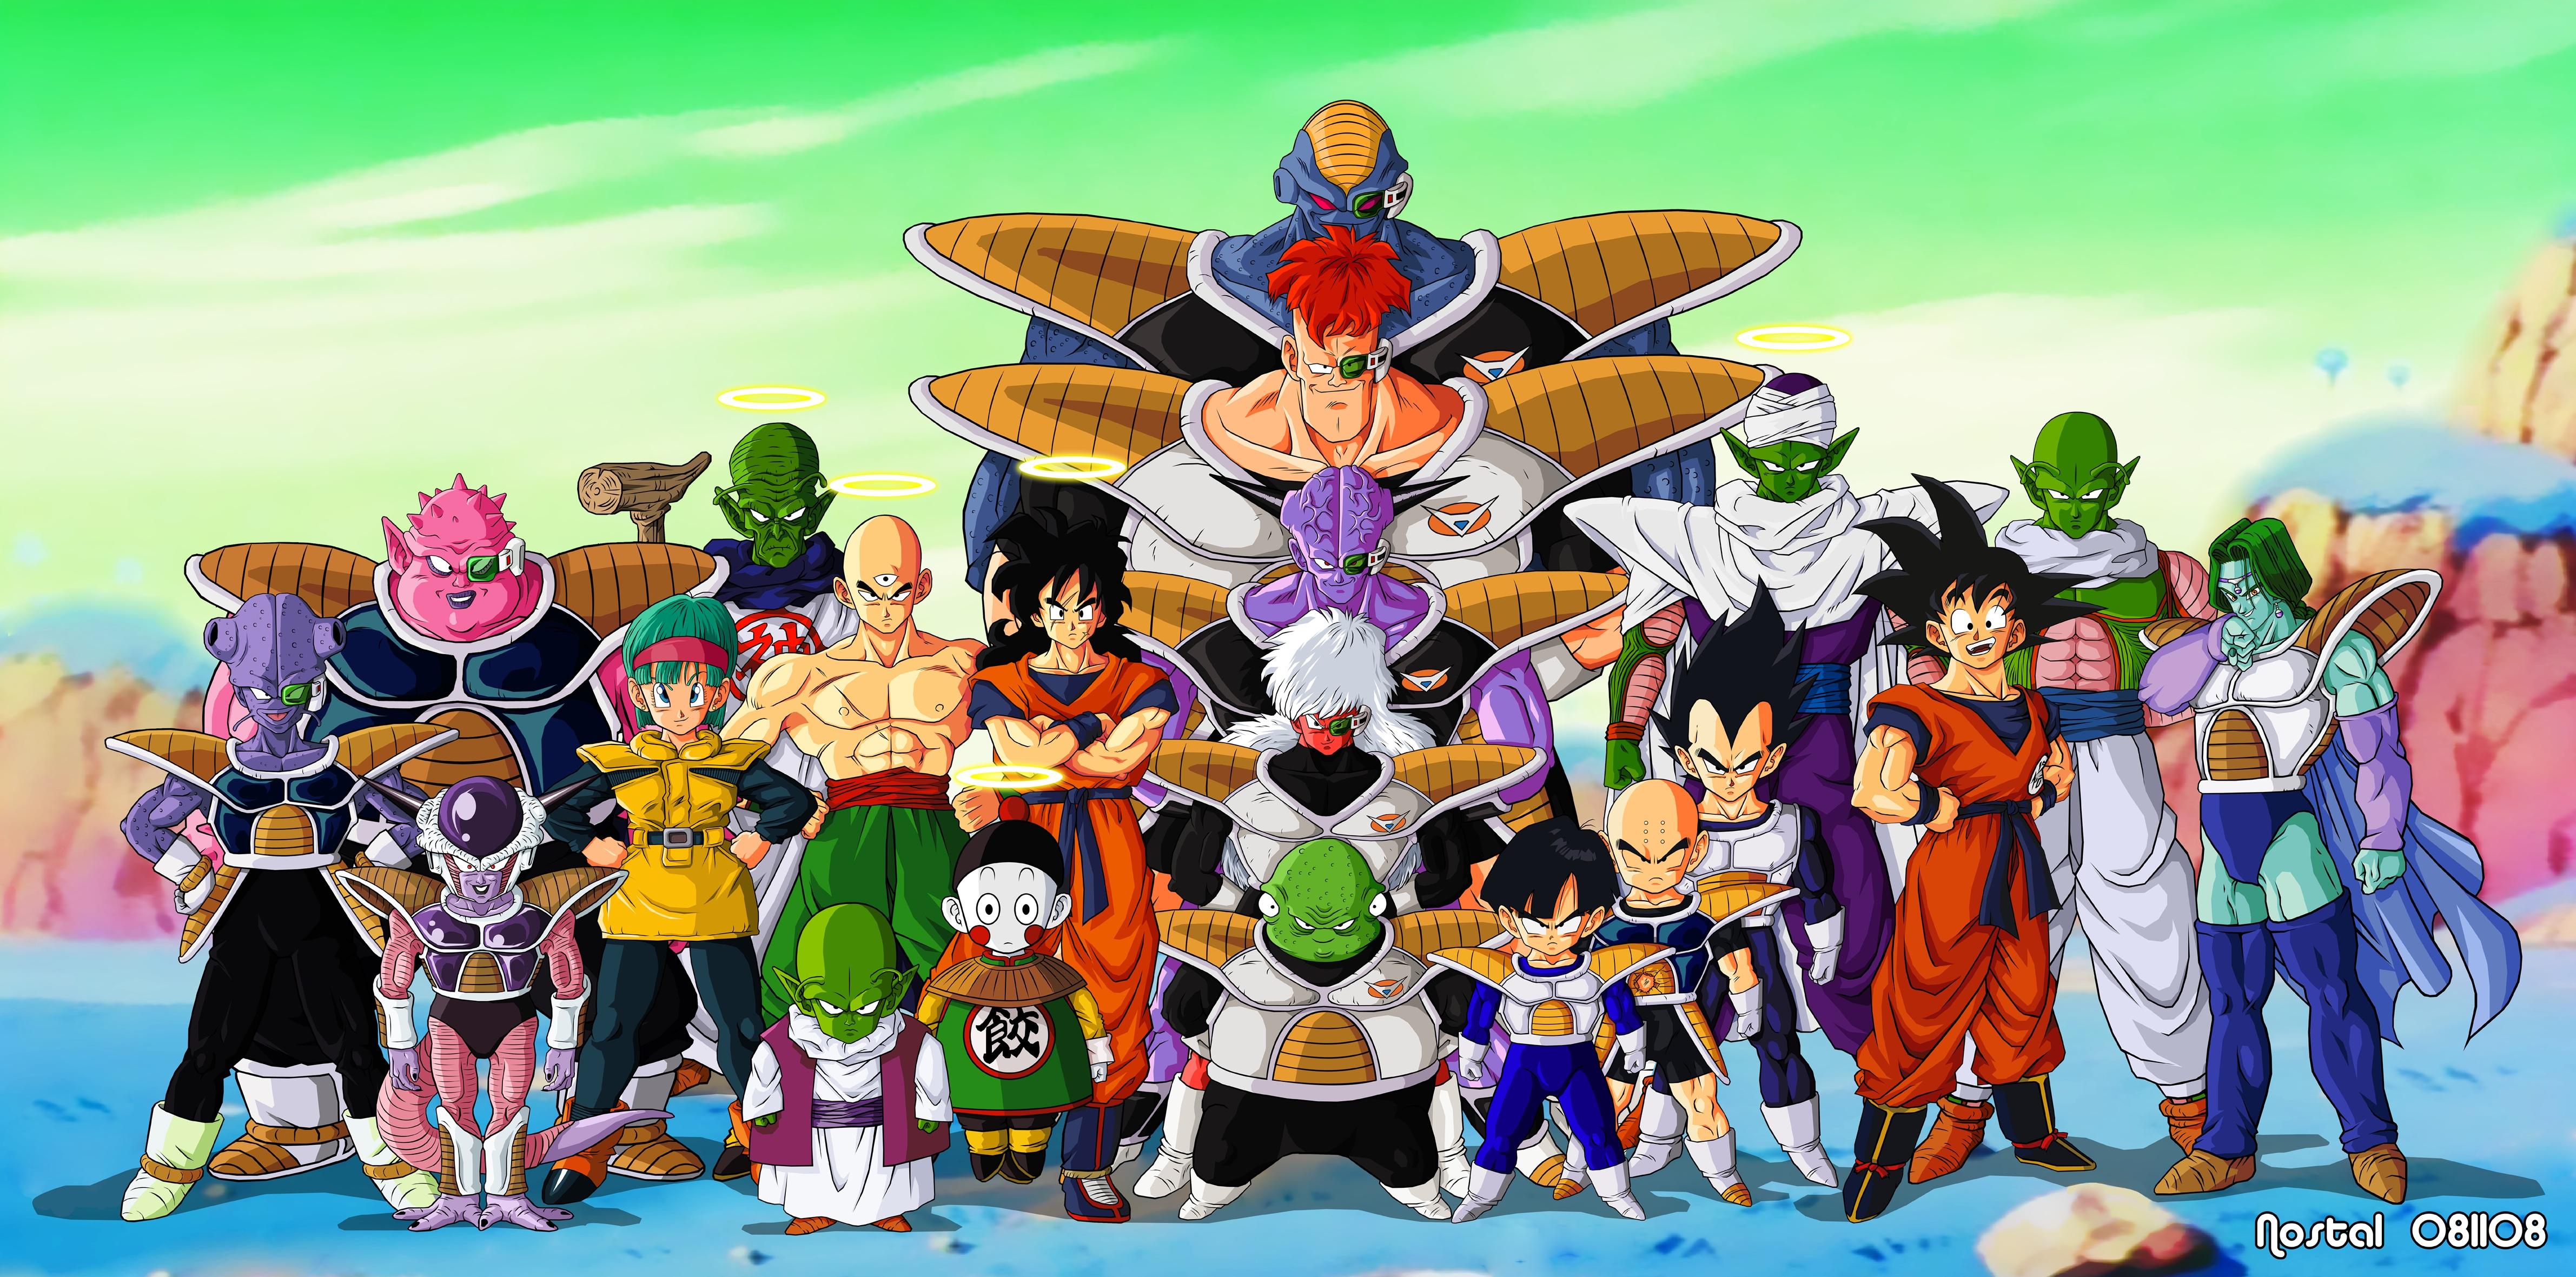 Vegeta Son Goku Frieza Anime Son Gohan Piccolo Dragon Ball Z